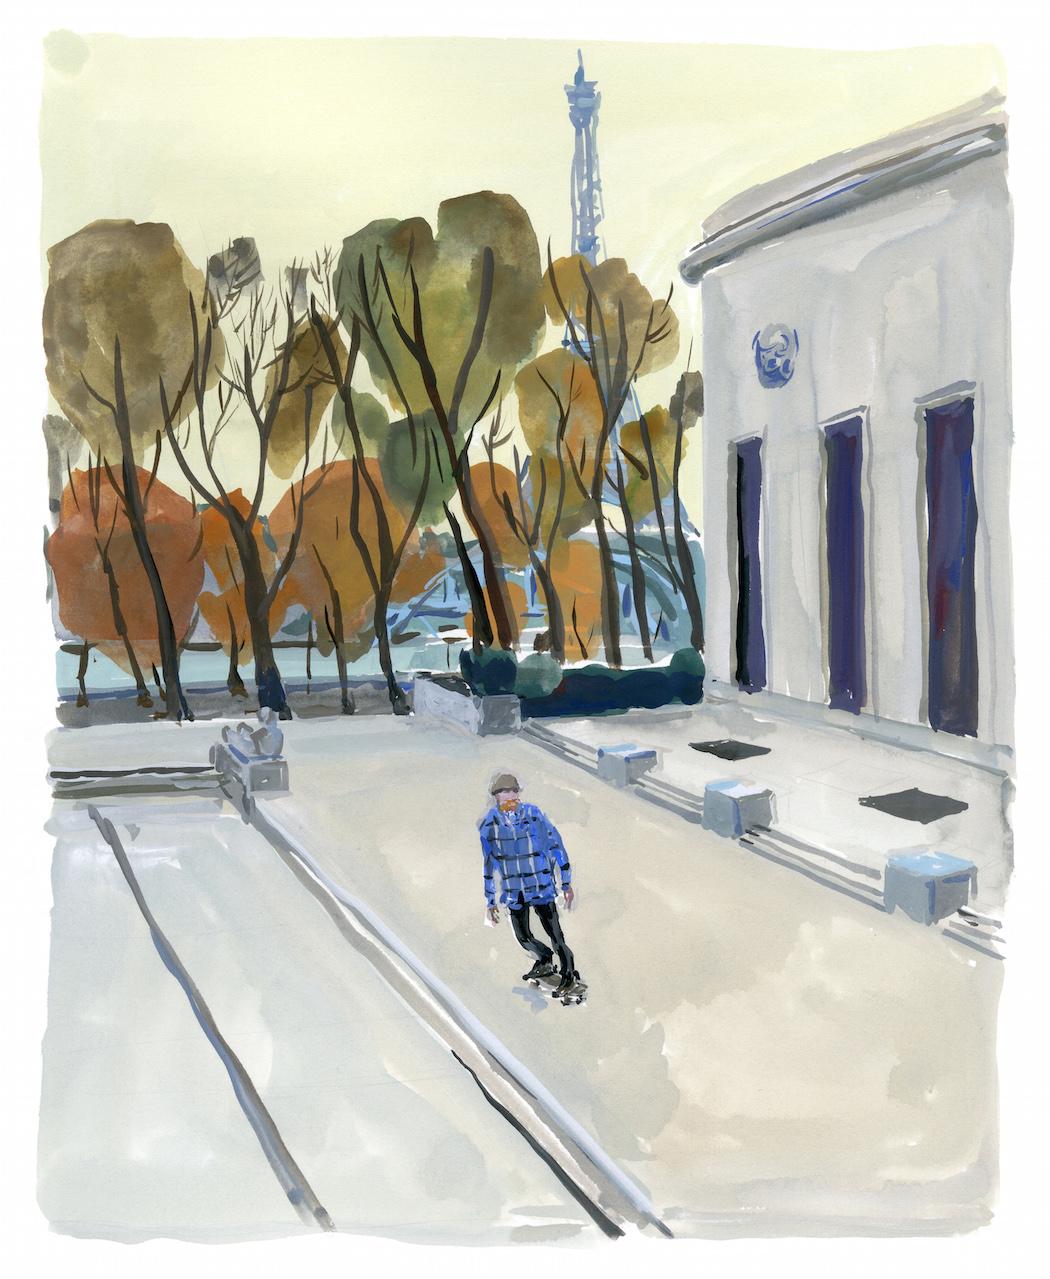 Jean-PhilippeDelhomme_art-1-PalaisdeTokyoSkateboard